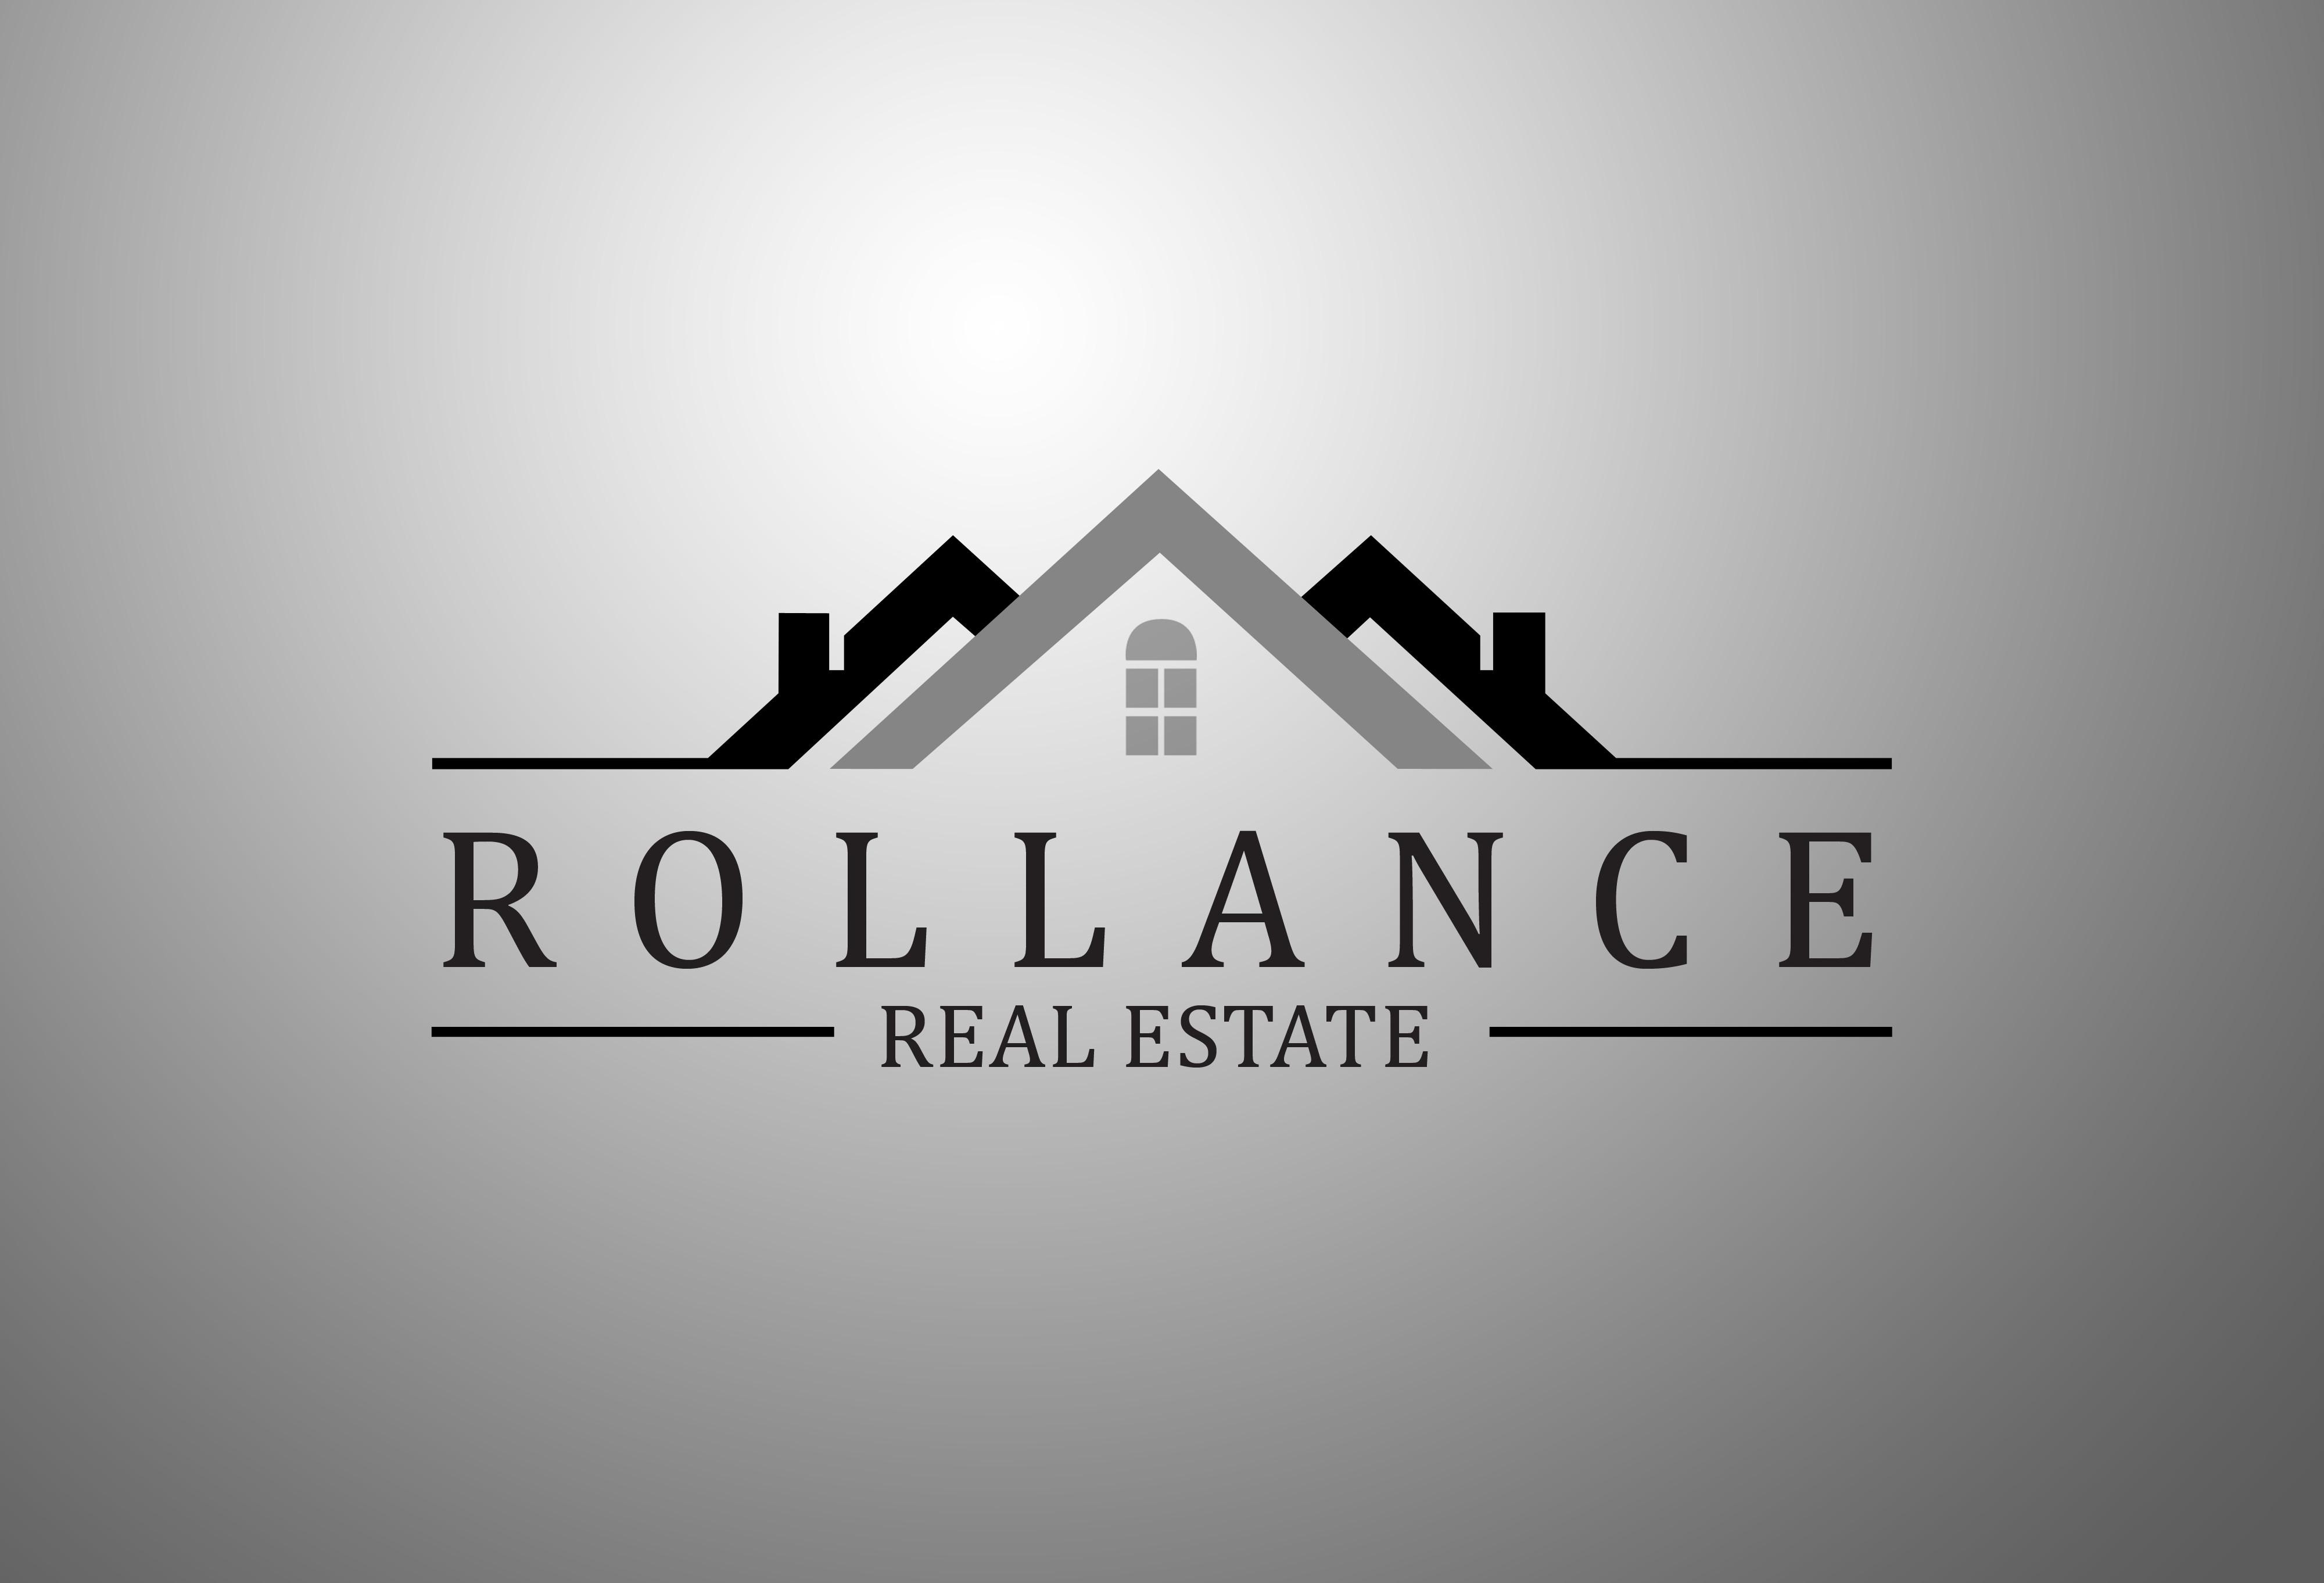 одна логотип агентства недвижимости картинки это она только